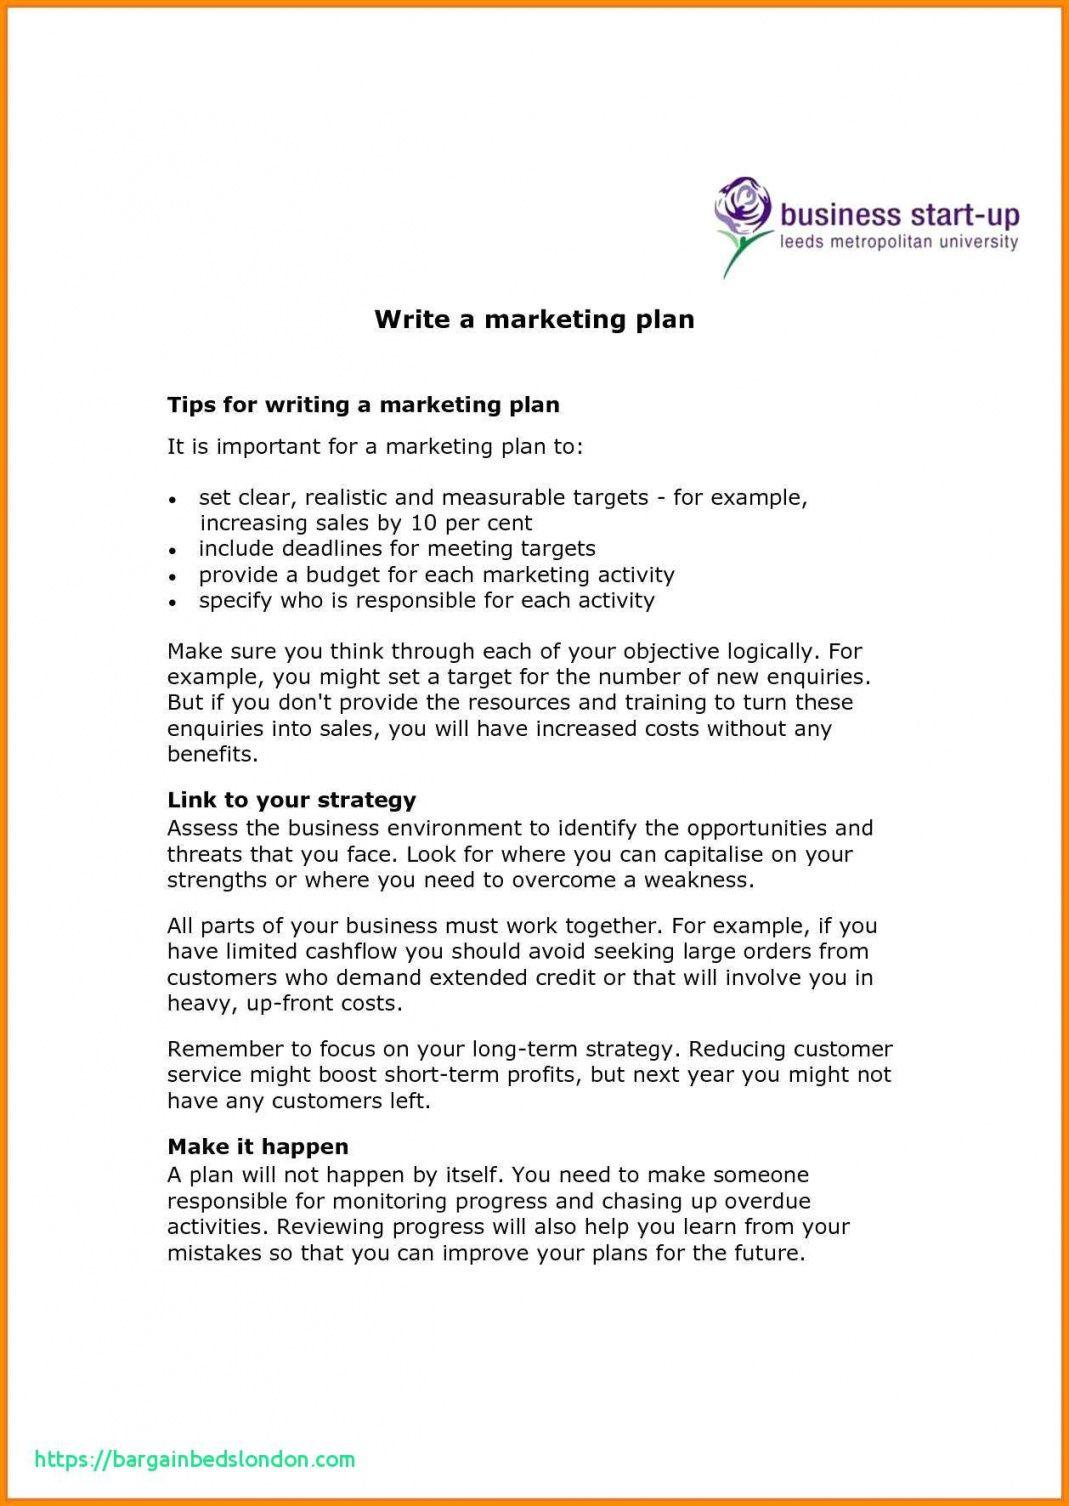 Franchise Marketing Plan Template in 2020 Marketing plan